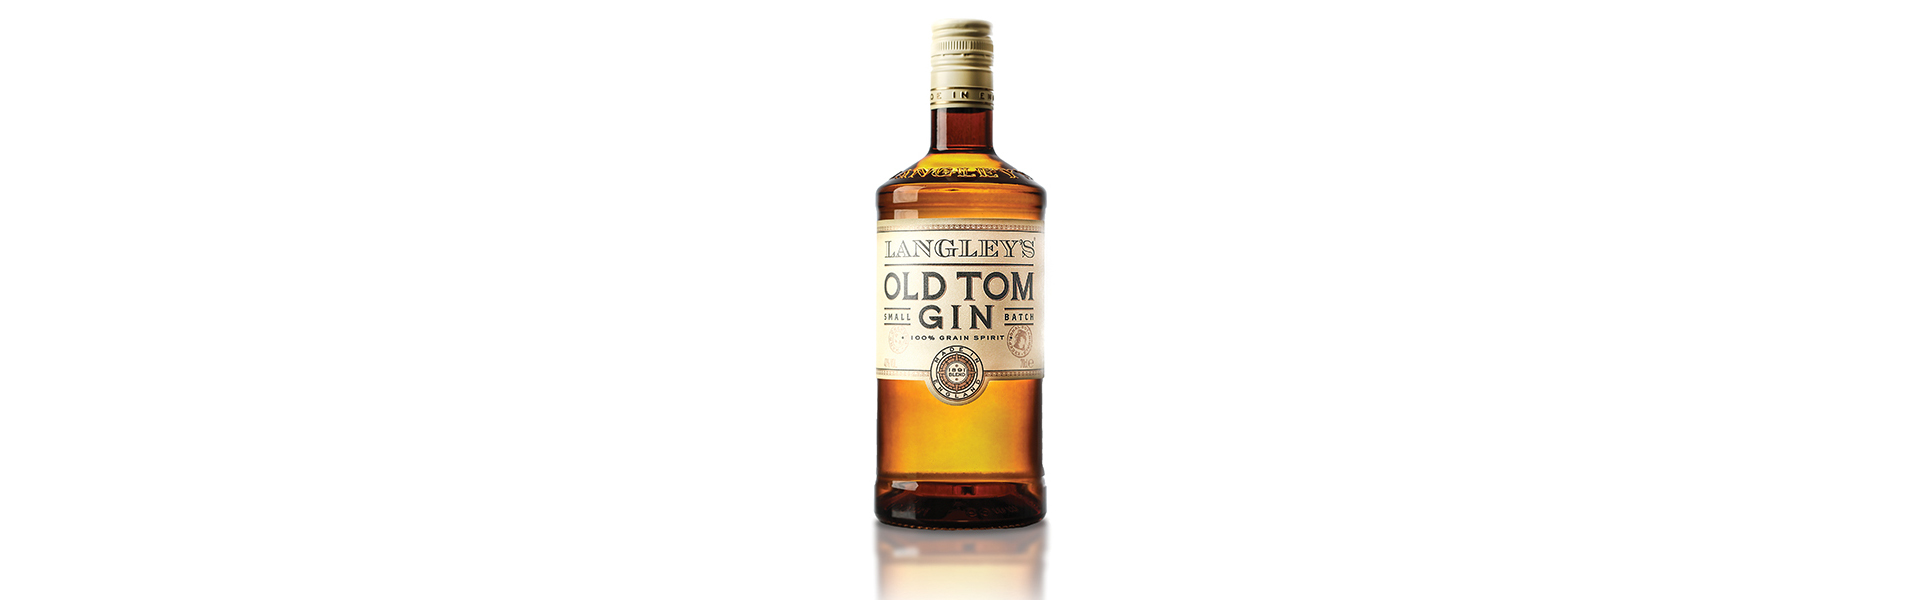 Premiär för stilen Old Tom Gin på Systembolaget – Langley's Old Tom gin släpps 1 juni i fast sortiment